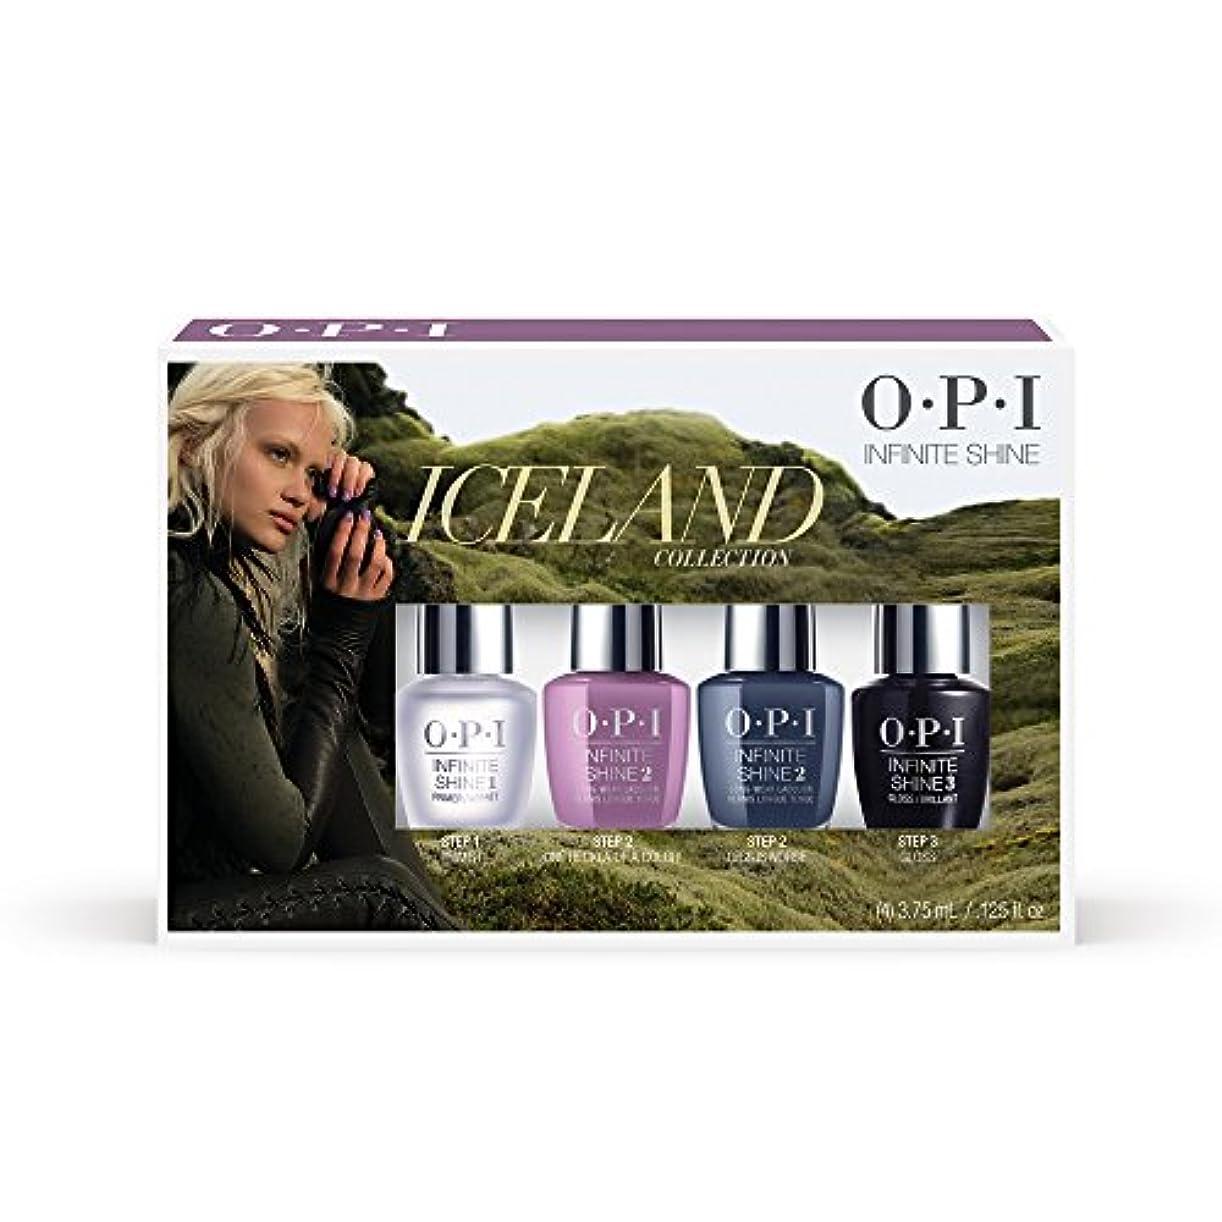 温度ファンドアルバムOPI(オーピーアイ) アイスランド コレクション インフィニット シャイン ミニパック